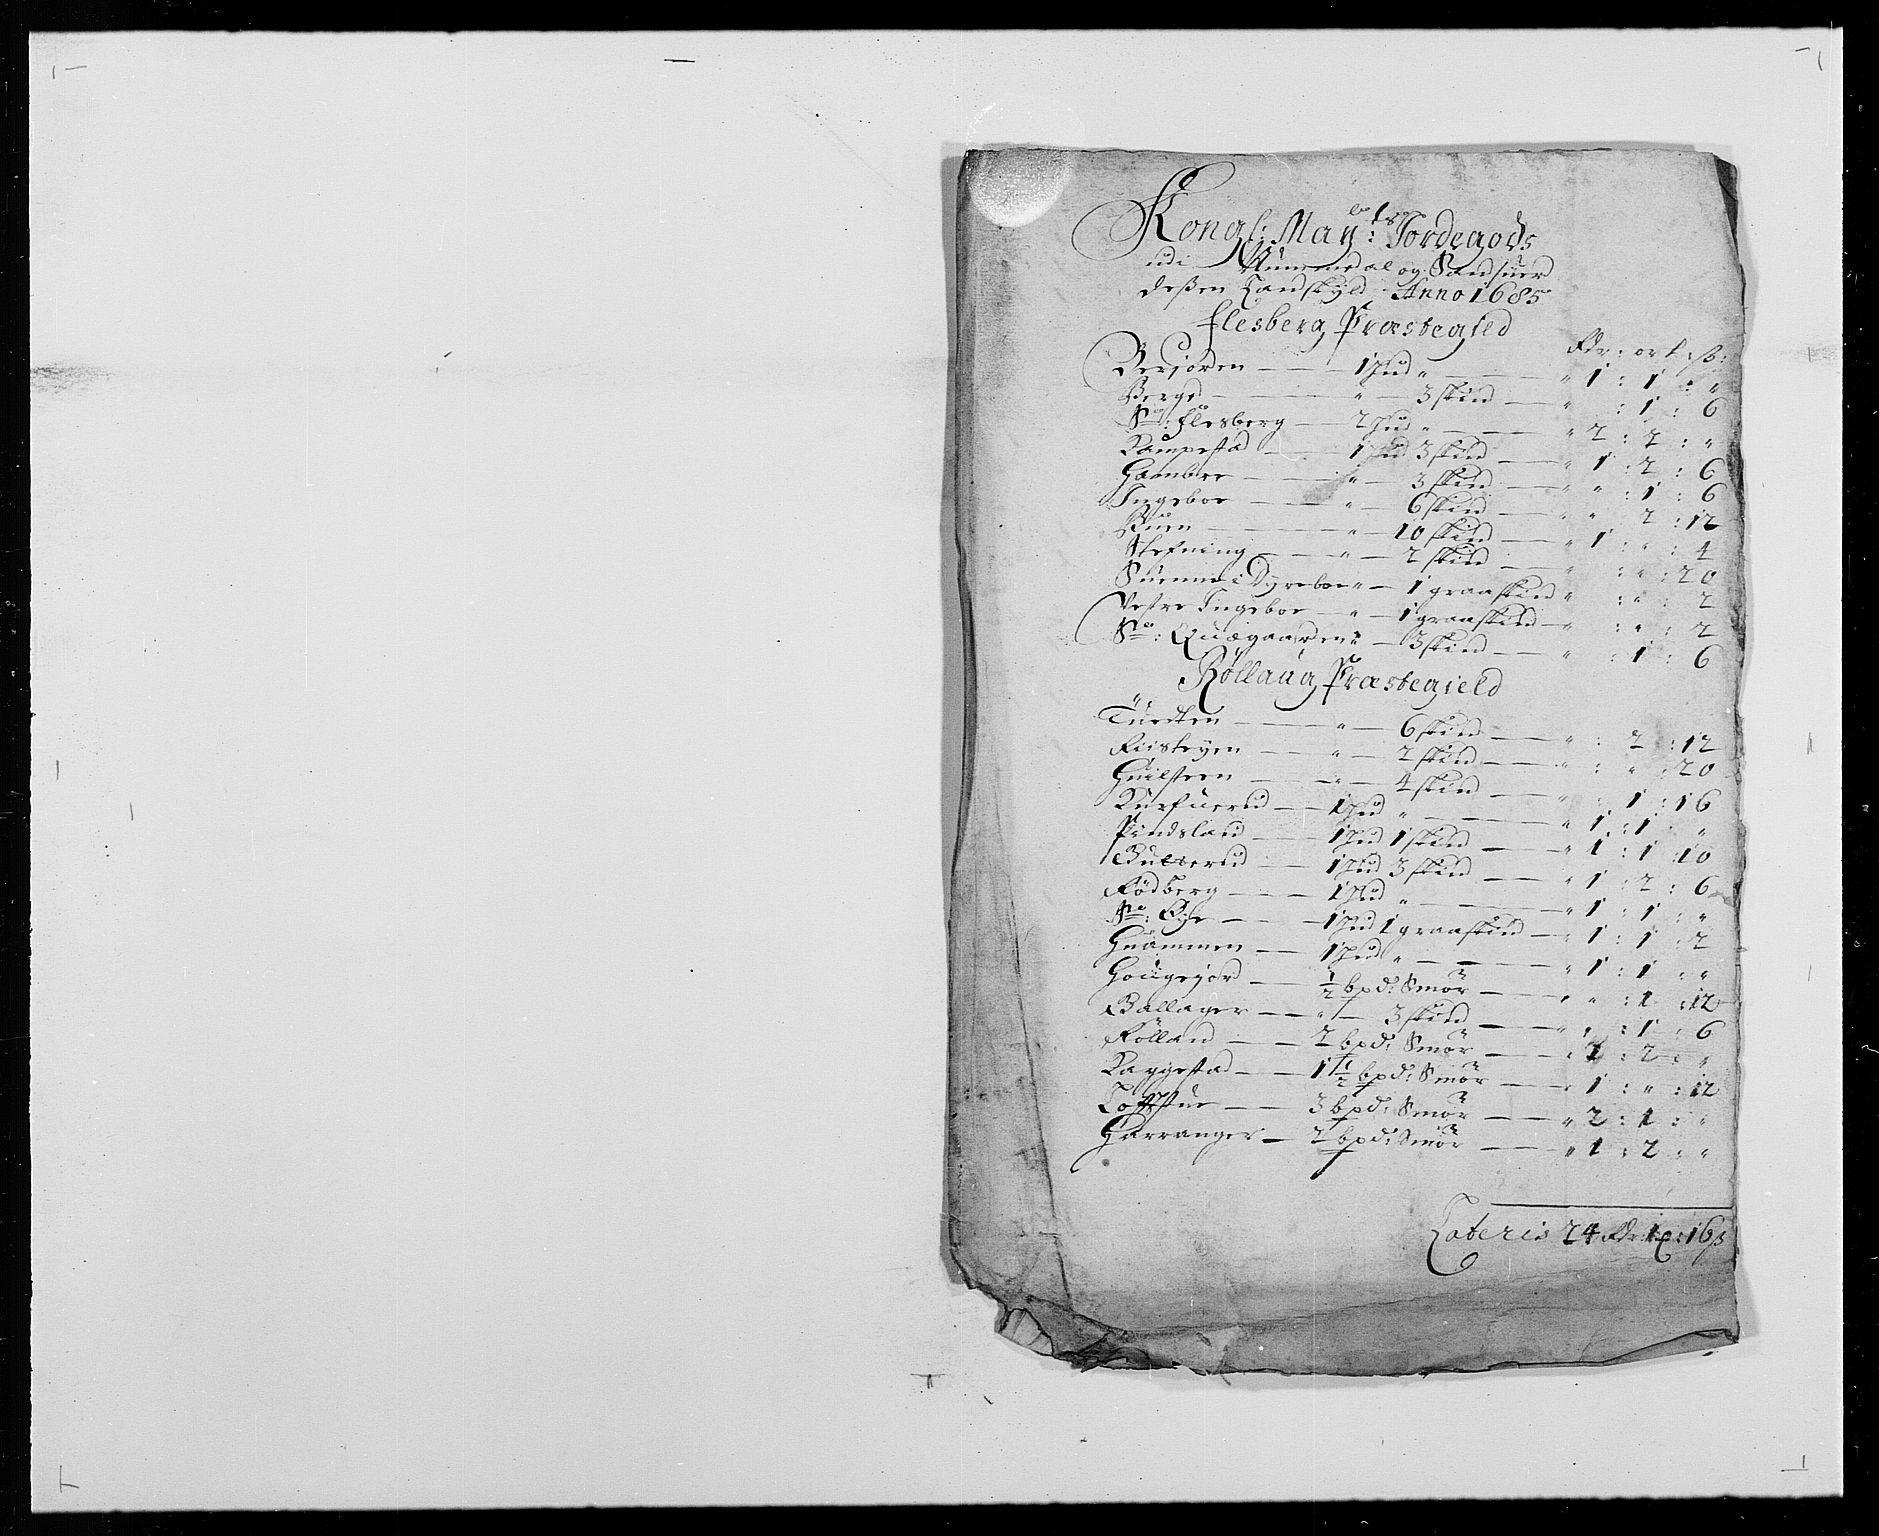 RA, Rentekammeret inntil 1814, Reviderte regnskaper, Fogderegnskap, R24/L1571: Fogderegnskap Numedal og Sandsvær, 1679-1686, s. 238